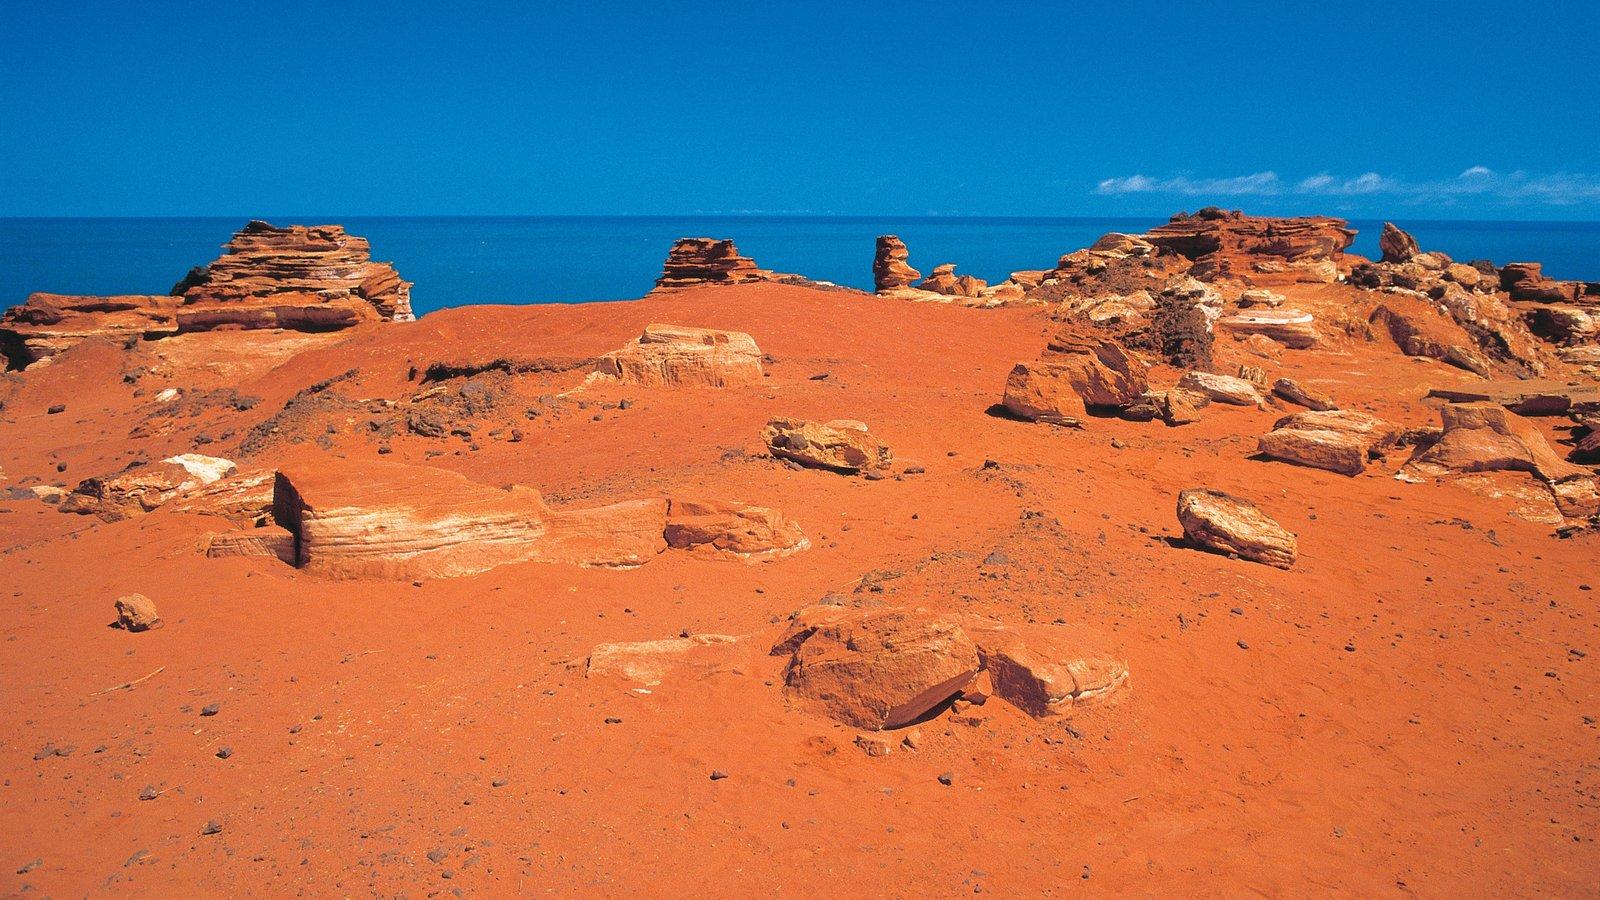 Broome que incluye vistas generales de la costa y vistas al desierto